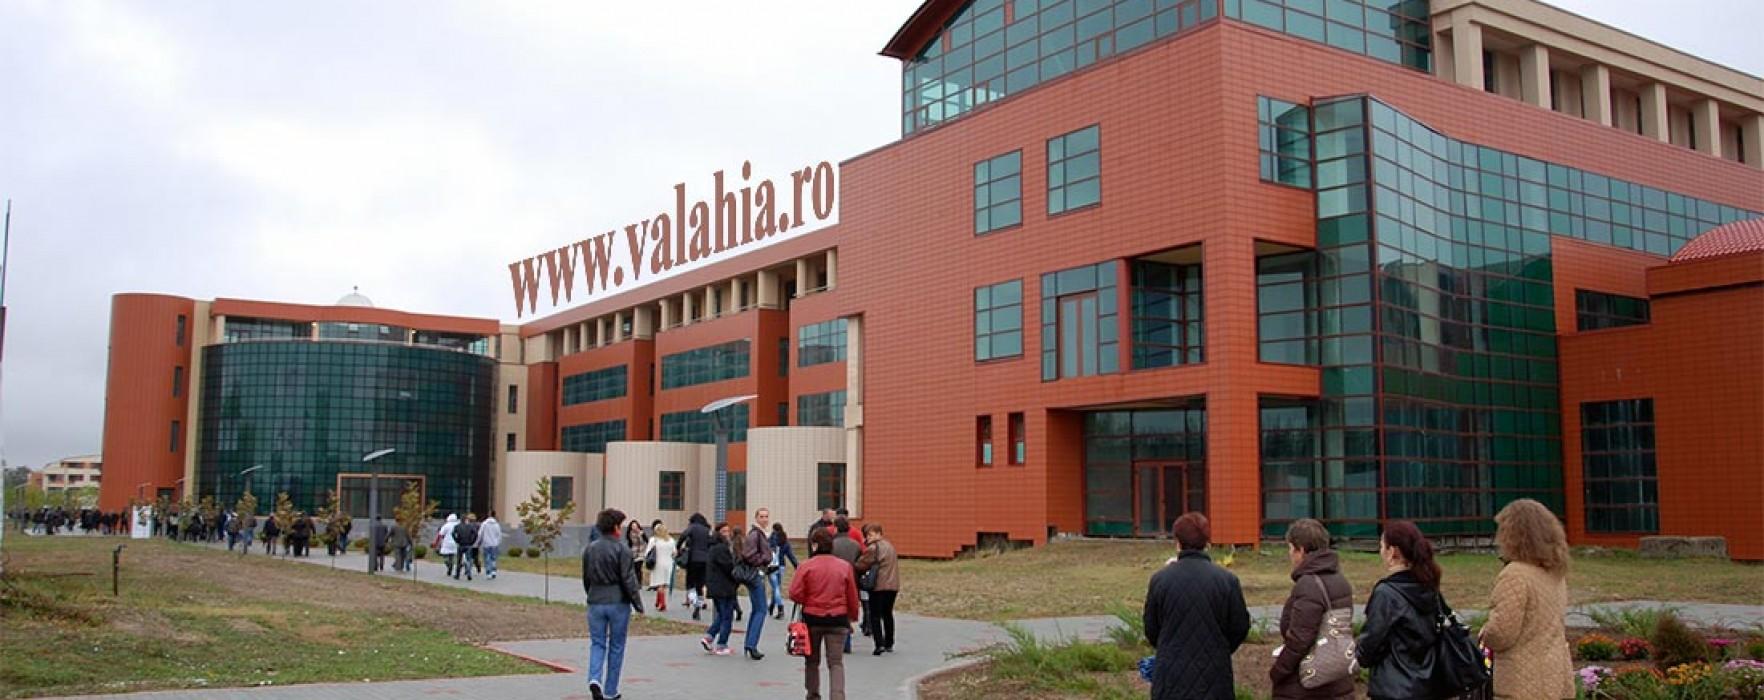 Înscrierile la Universitatea Valahia Târgoviște se pot face și online